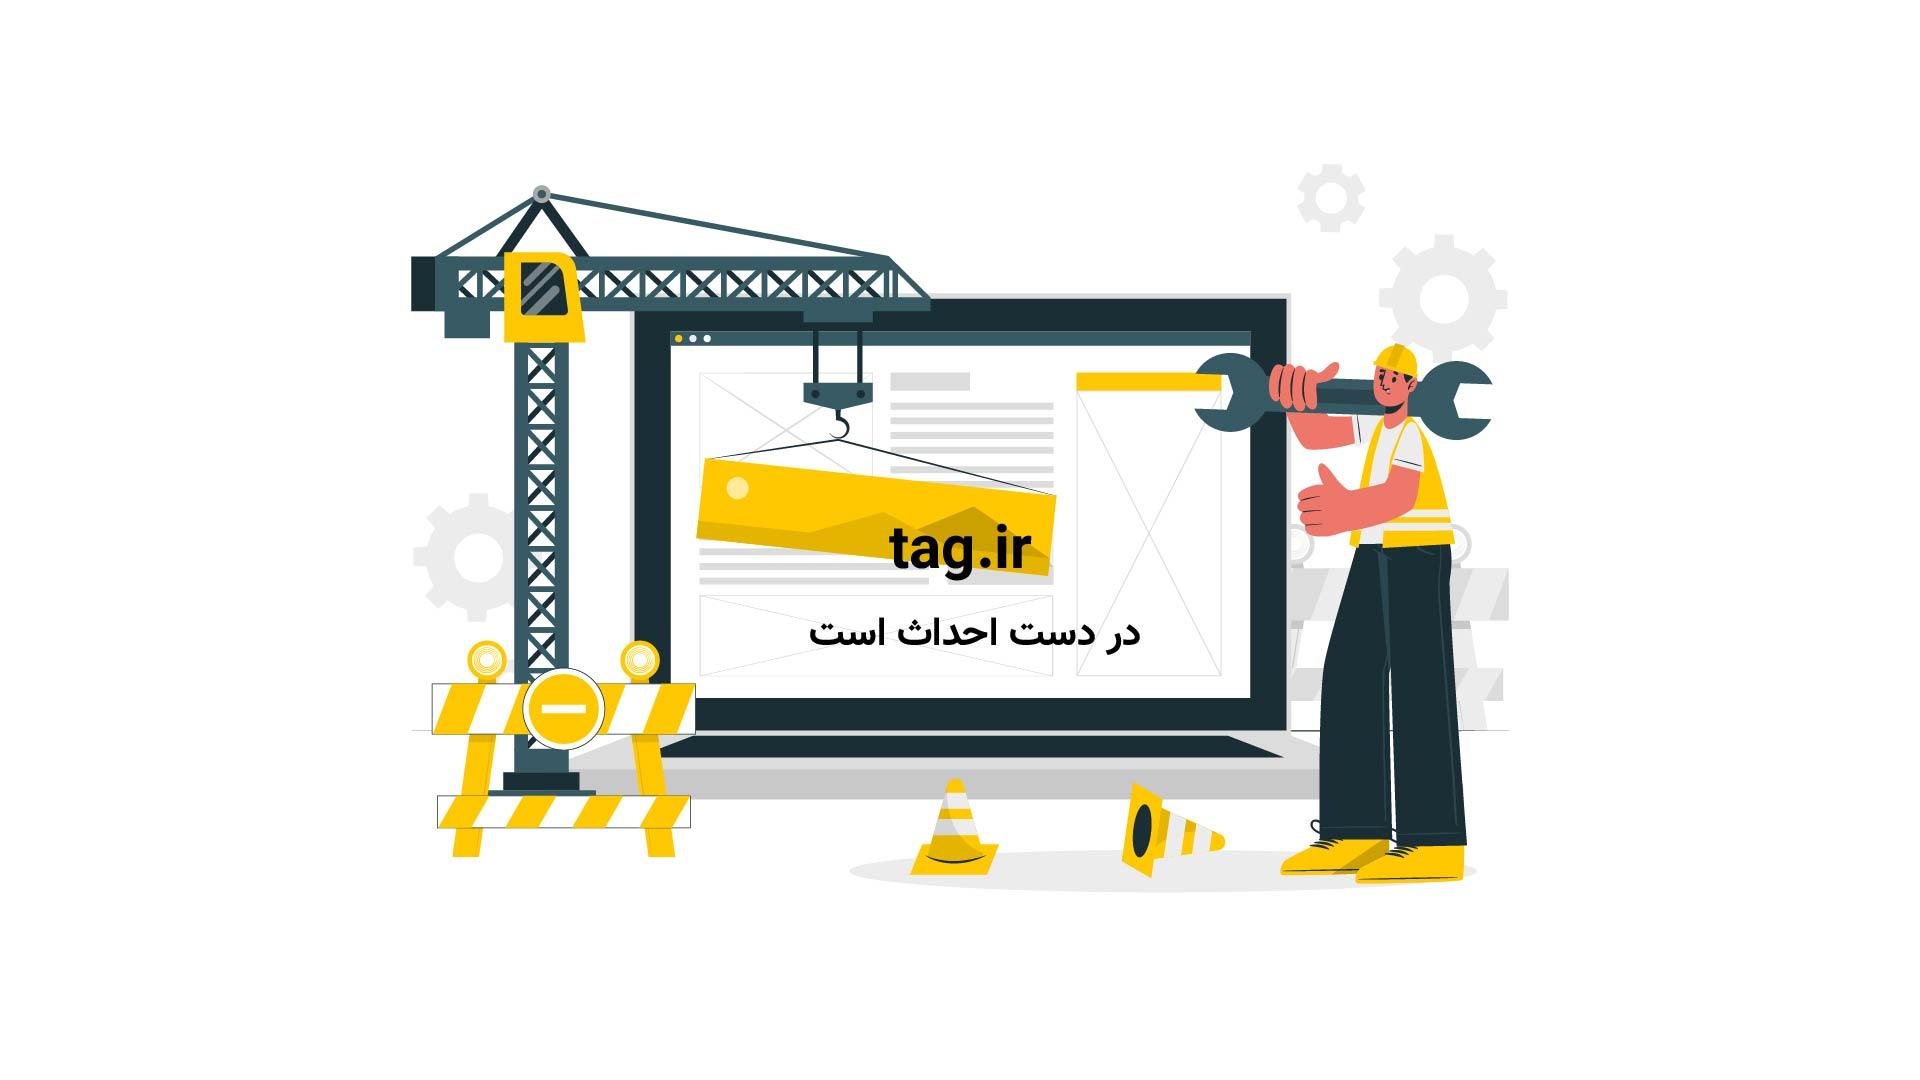 آموزش تهیه کوکی مکعبی با روکش شکلات | فیلم